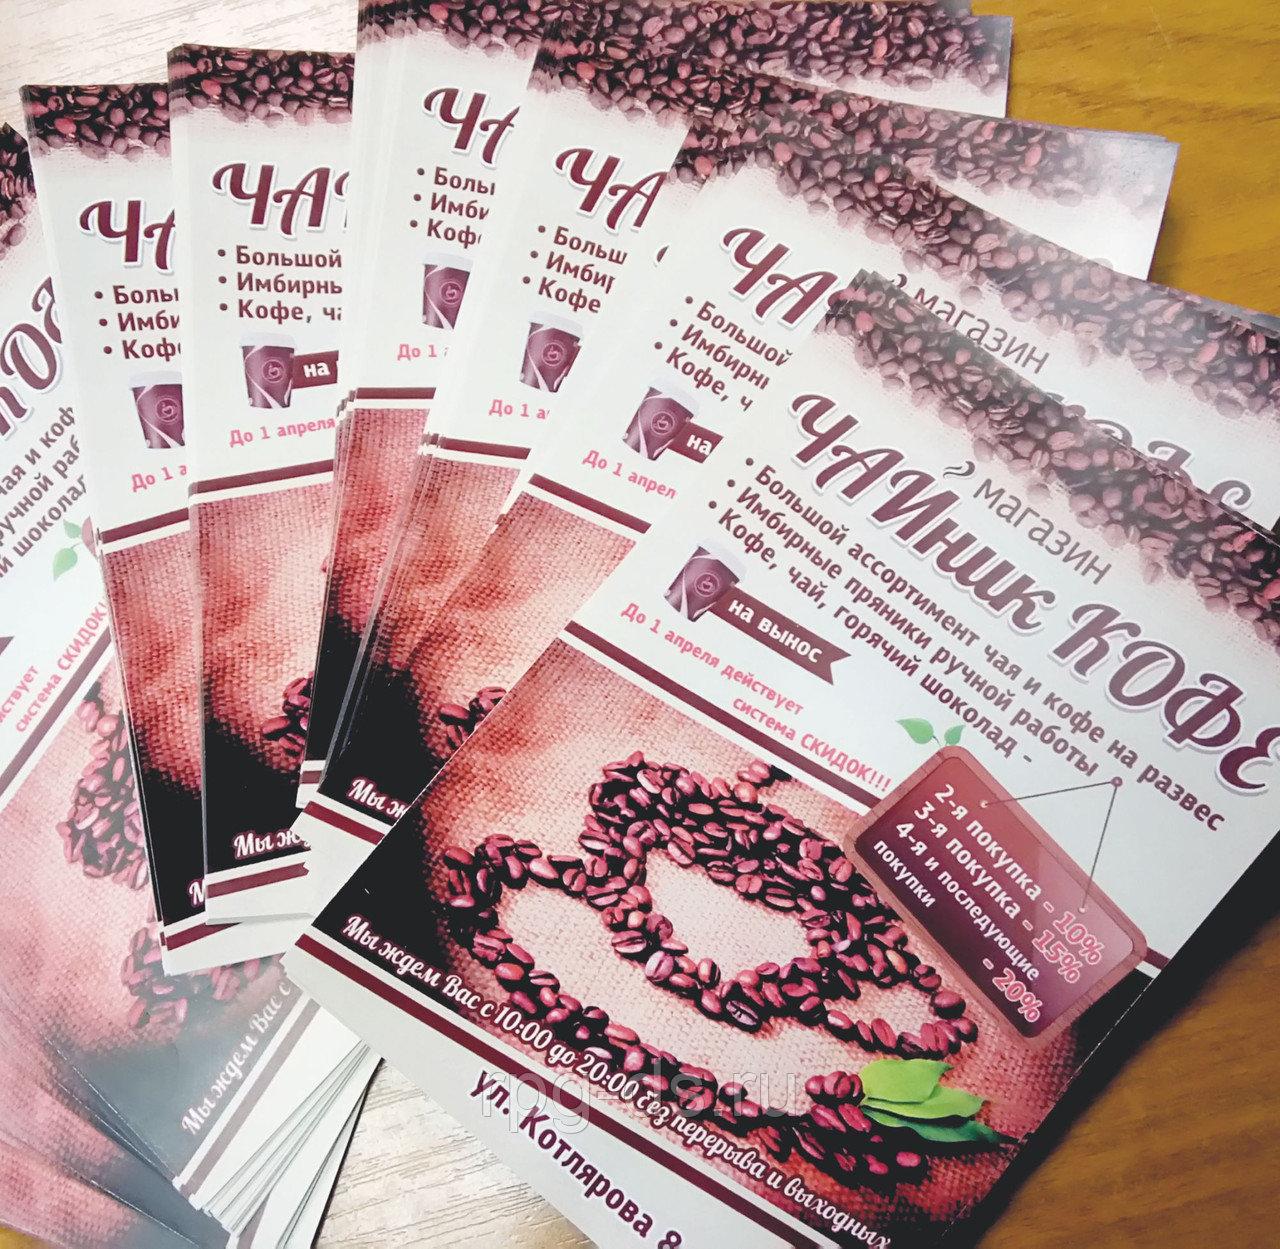 Печать 1000 шт листовок в Москве   фото 1